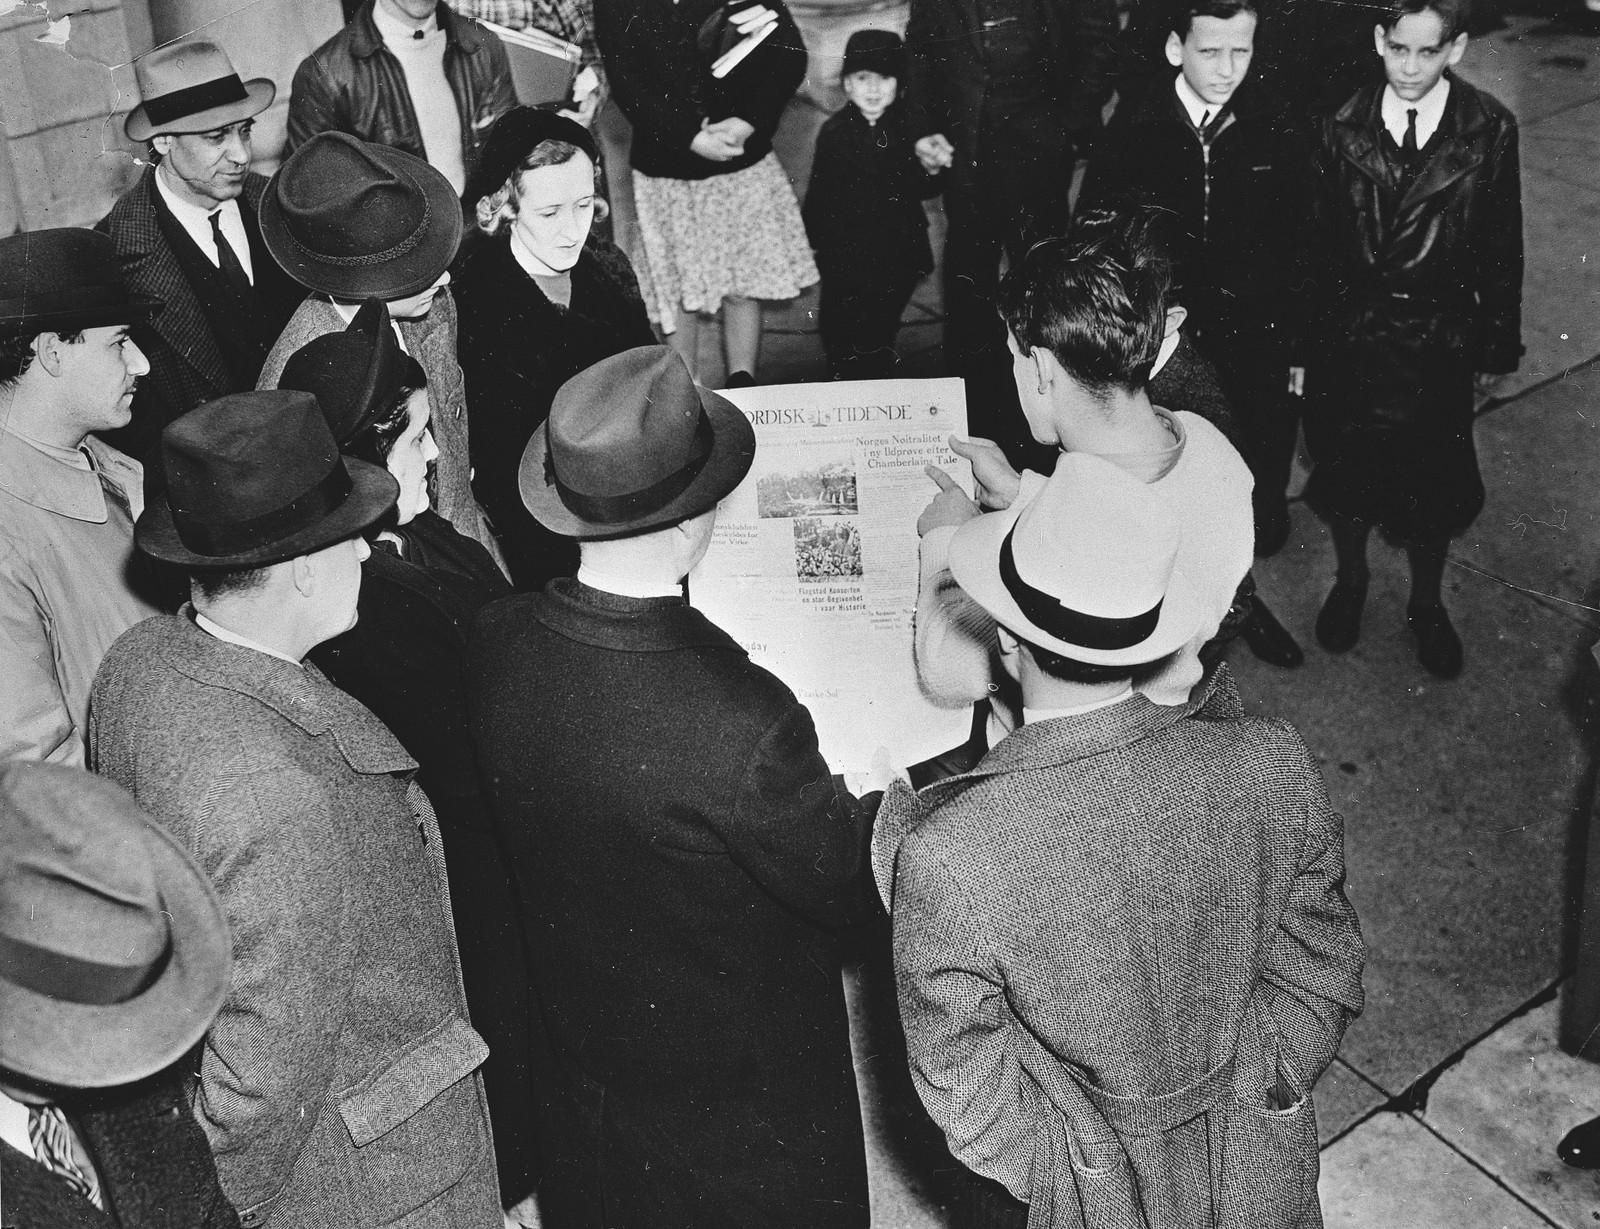 I New York leser folk om invasjonen i den norske avisen Norsk Tidend 10. april 1940.